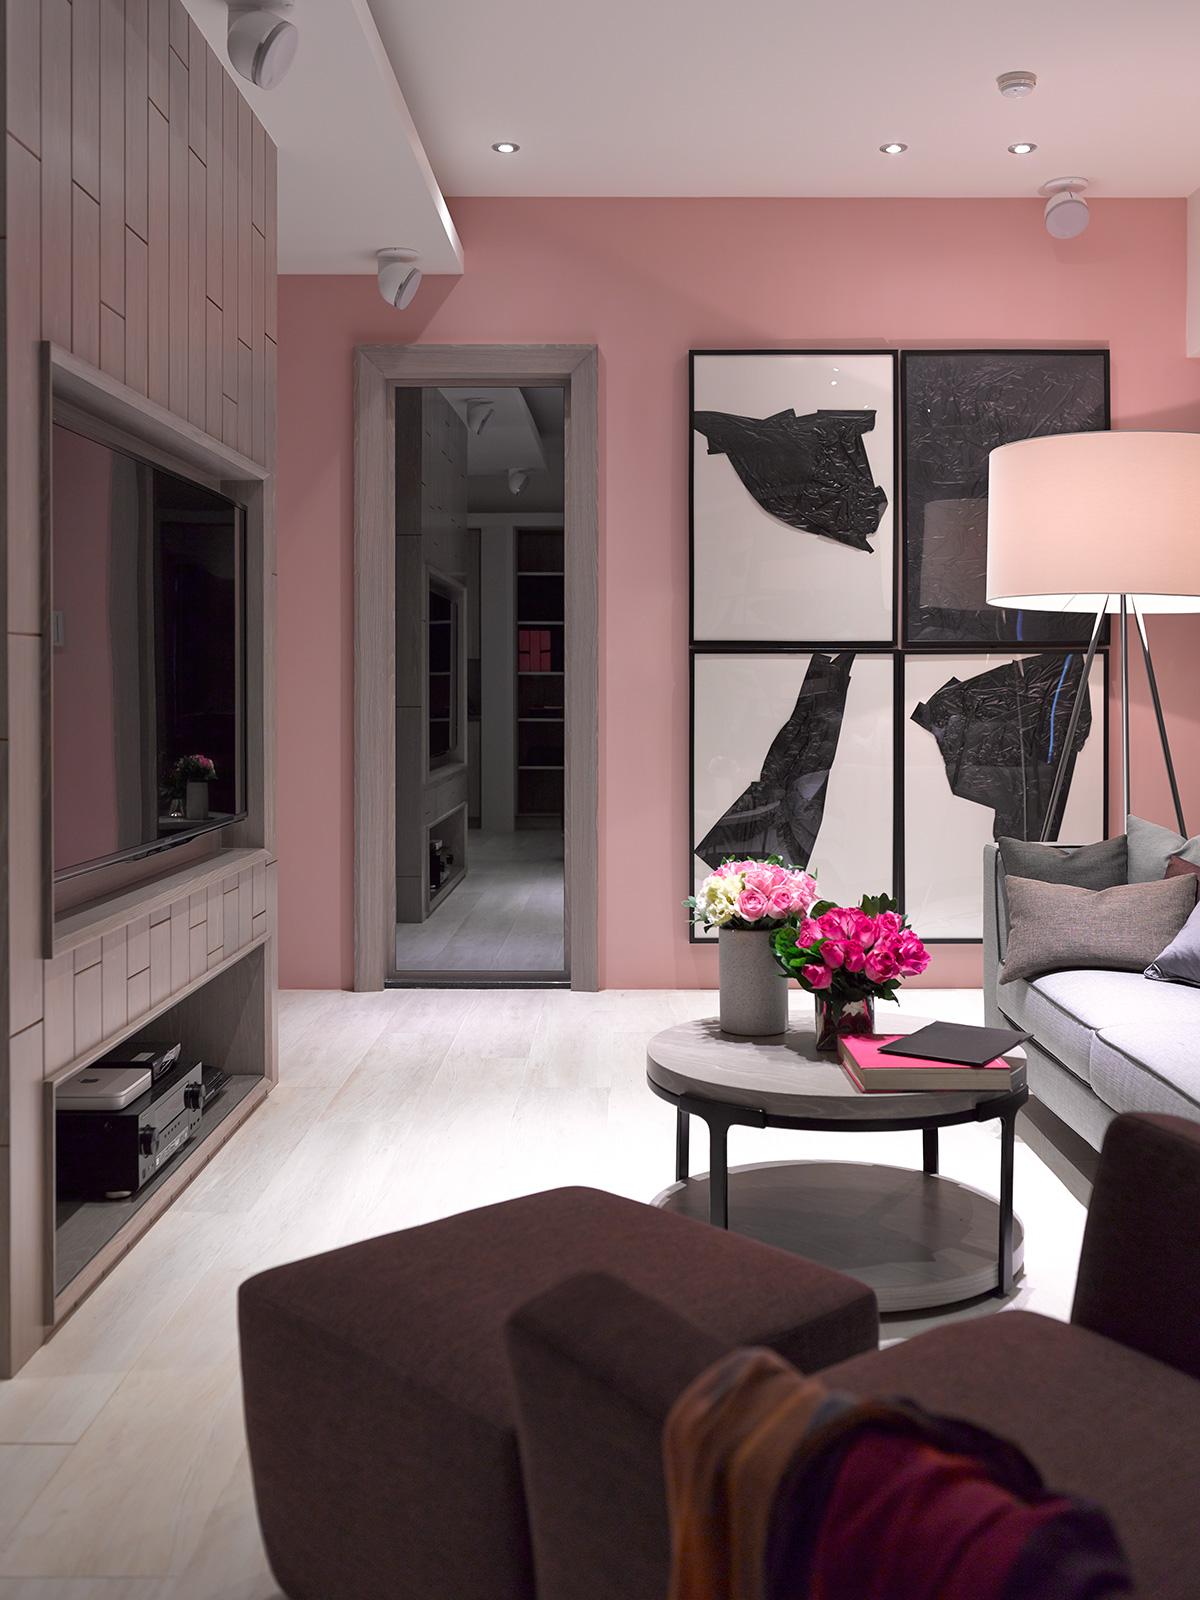 家,不用很奢华,却一定是最舒适、最能令人放松身心的所在。家没有固定的模式,随着季节和时间的变化,都会略有不同,因此空间中要有留白,换个角度会发现,原来生活可以大不同,家就是这样一个地方。本案整体格局小有调整,增加一些独立收纳空间!墙面无任何装饰,通过局部吊顶划分功能空间!米黄色沙发椅应和着空间的主色调,深色墙板的点缀让空间带着时尚感。书房长形方桌可以满足两个人一起看书,层板可以放装饰品,让空间不因此而单调!主卧十分淡雅,这里没有多余的色彩、布置和家具,没有喧嚣与繁冗,一派宁静悠远